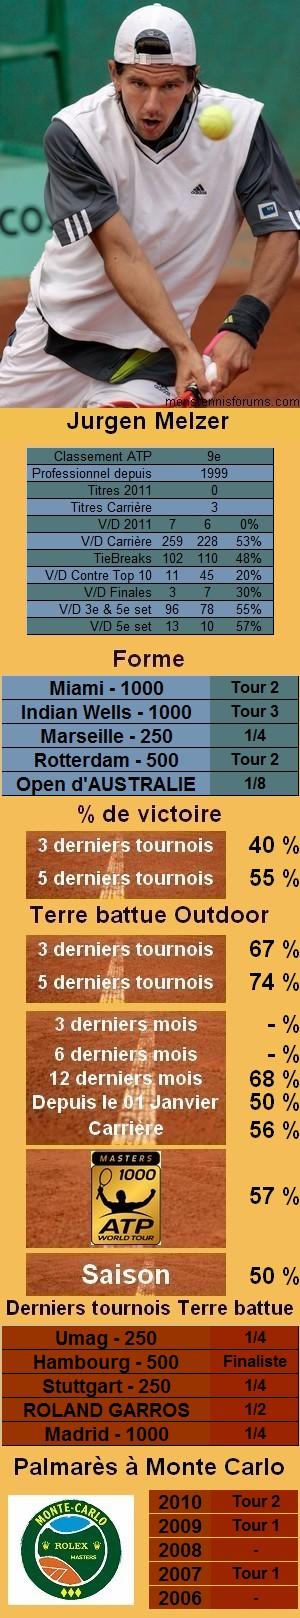 Les statistiques tennis de Jurgen Melzer pour le tournoi de Monte Carlo